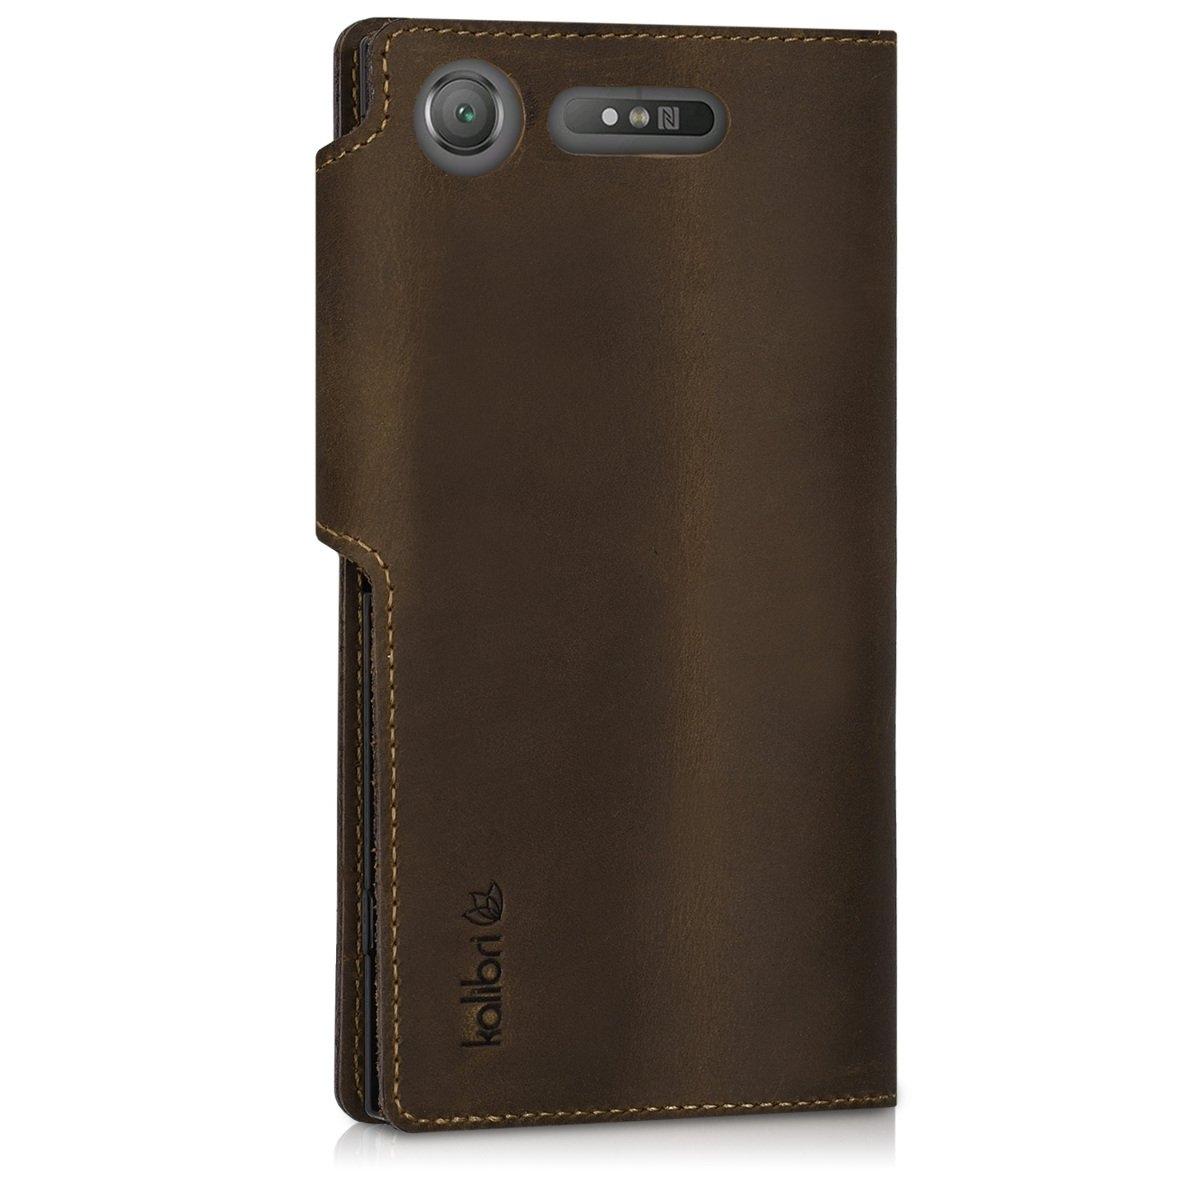 Δερμάτινη θήκη Sony Xperia XZ1 καφέ